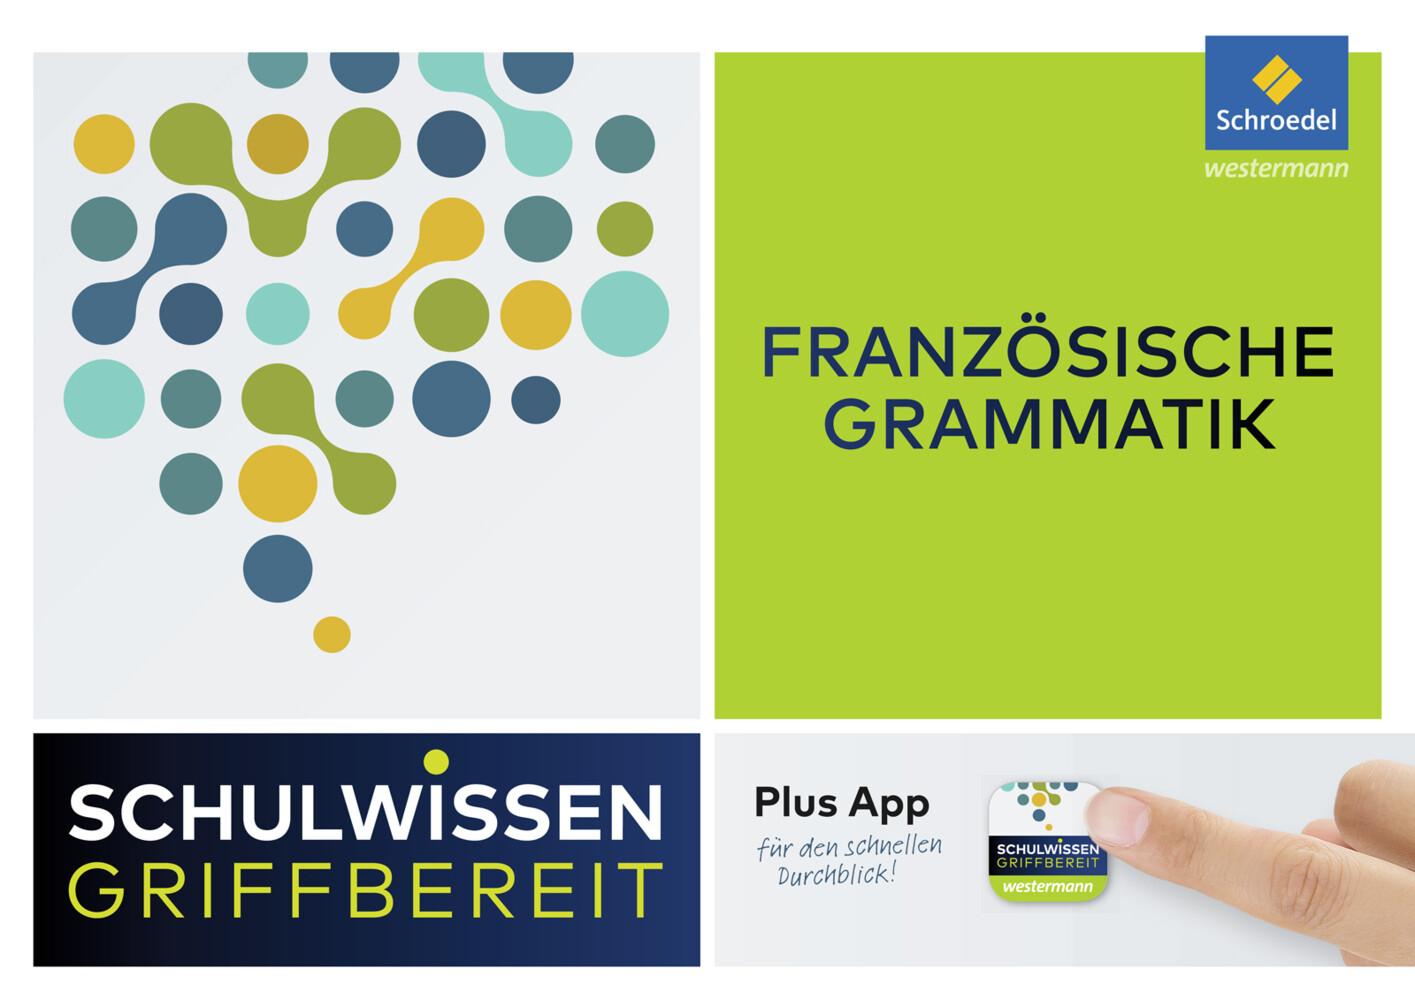 Schulwissen griffbereit. Französische Grammatik als Buch